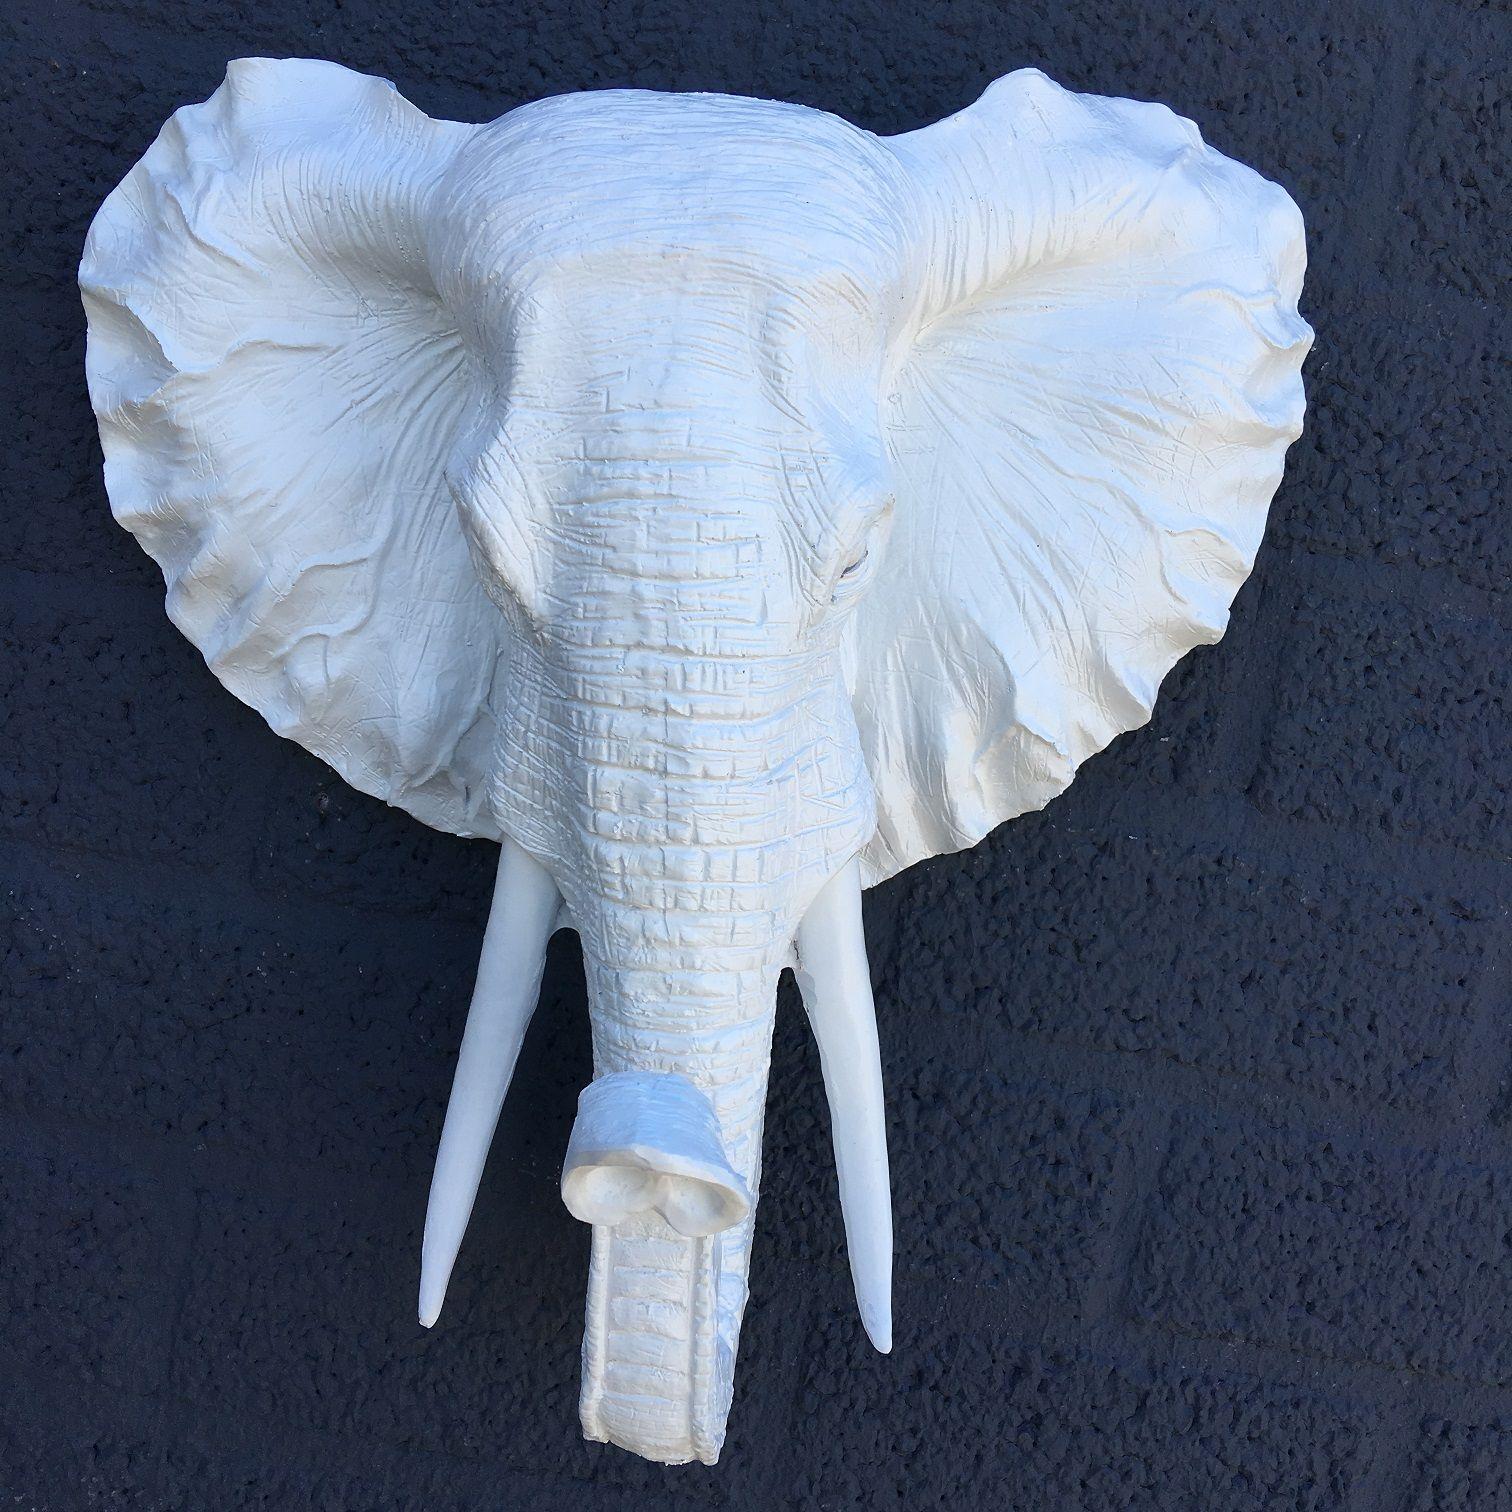 Mooie witte olifantenkop wandornament prachtig deco rustique be - Deco huis exterieur ...